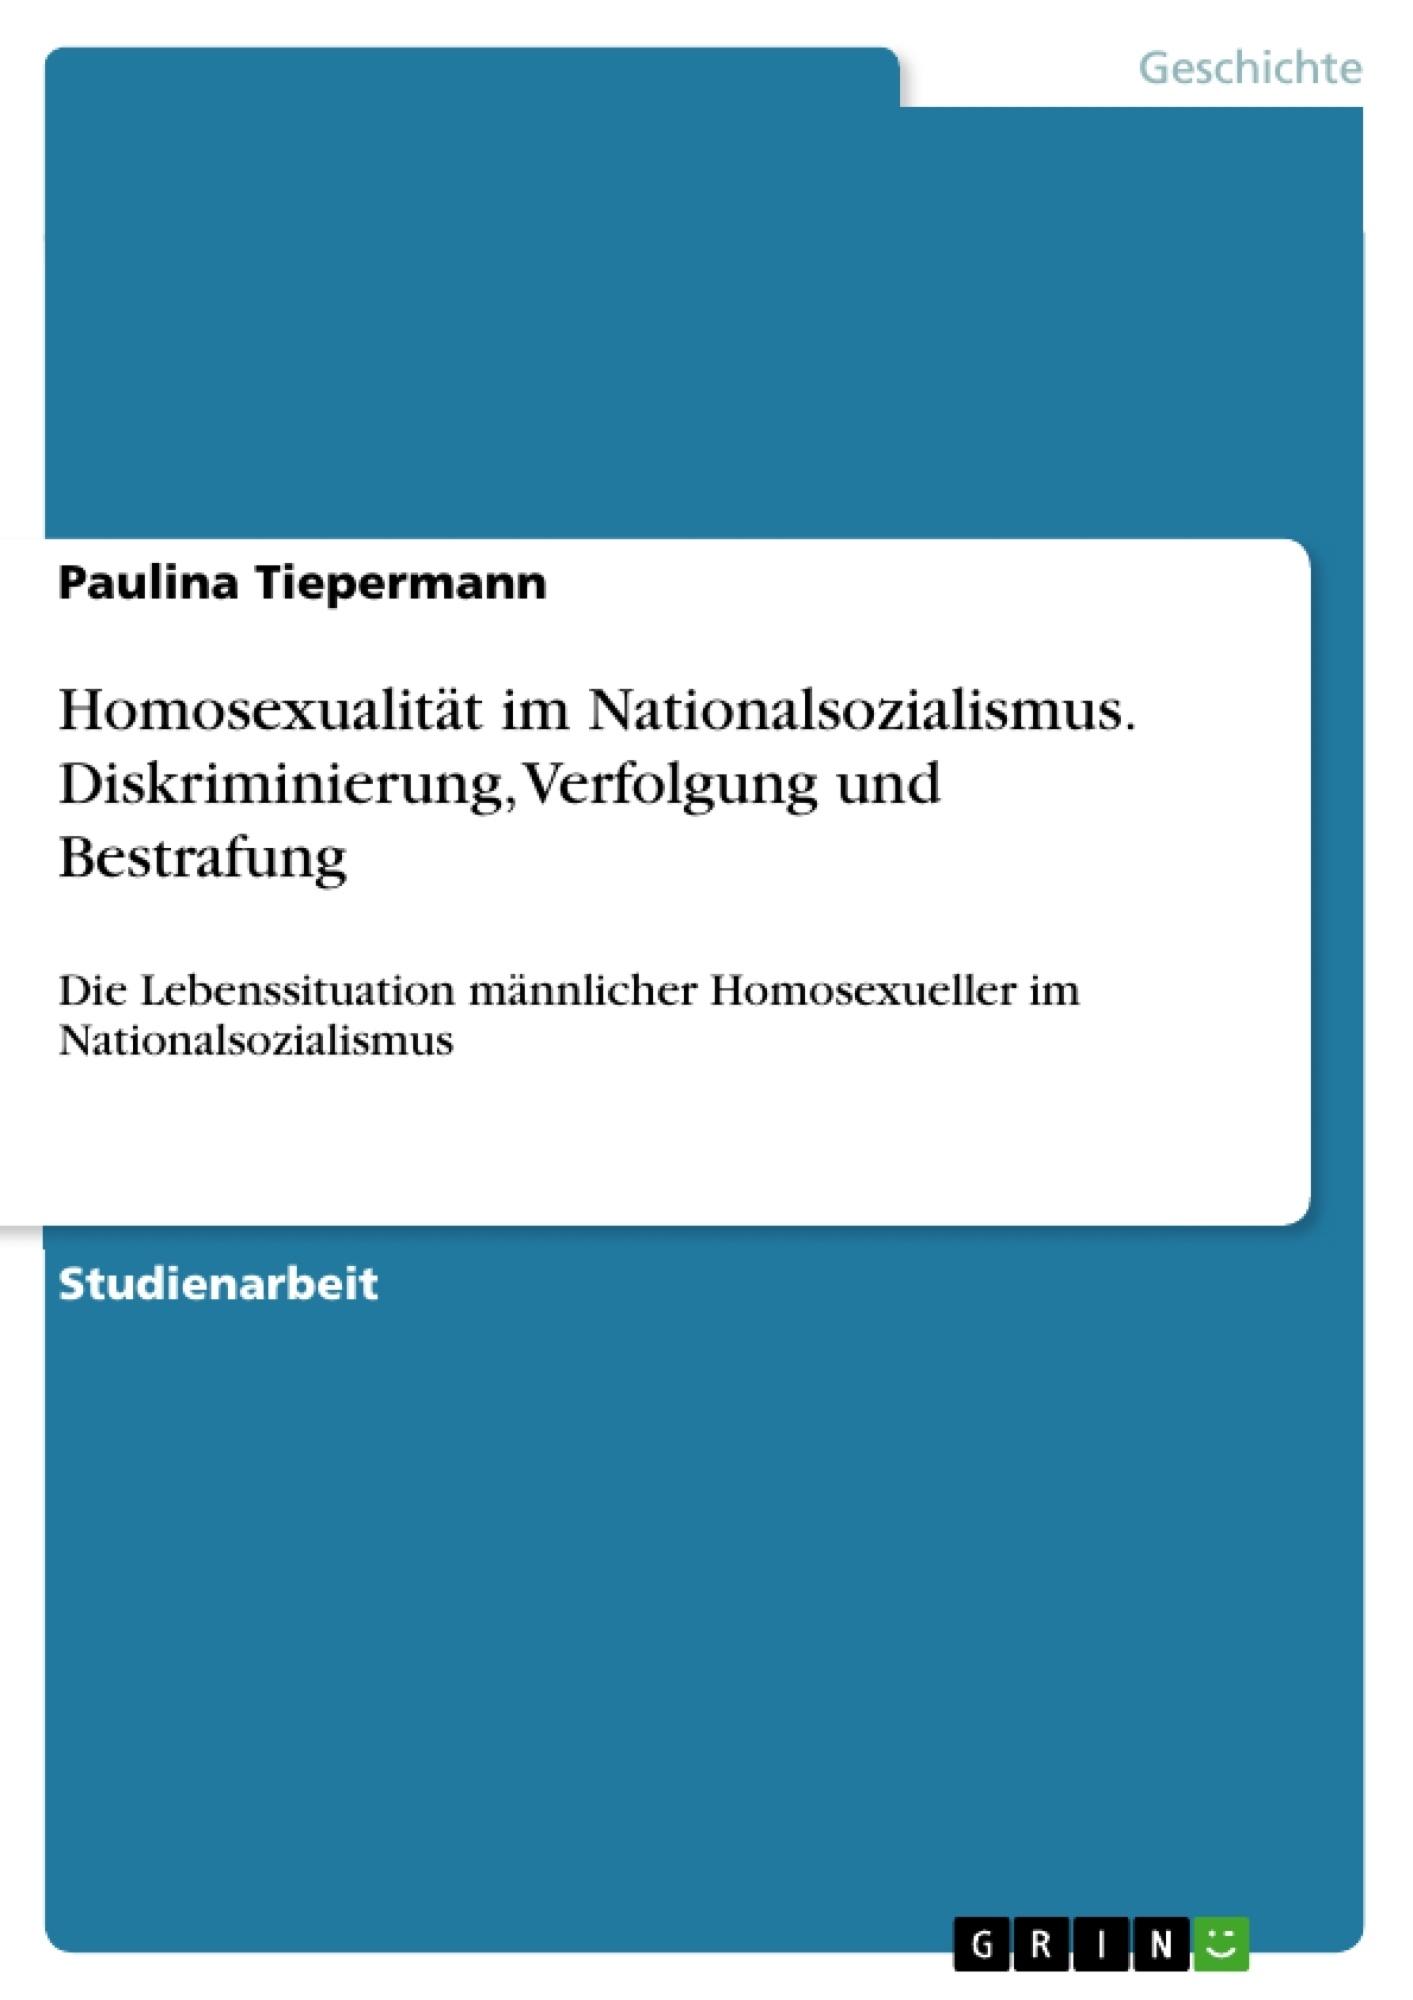 Titel: Homosexualität im Nationalsozialismus. Diskriminierung, Verfolgung und Bestrafung